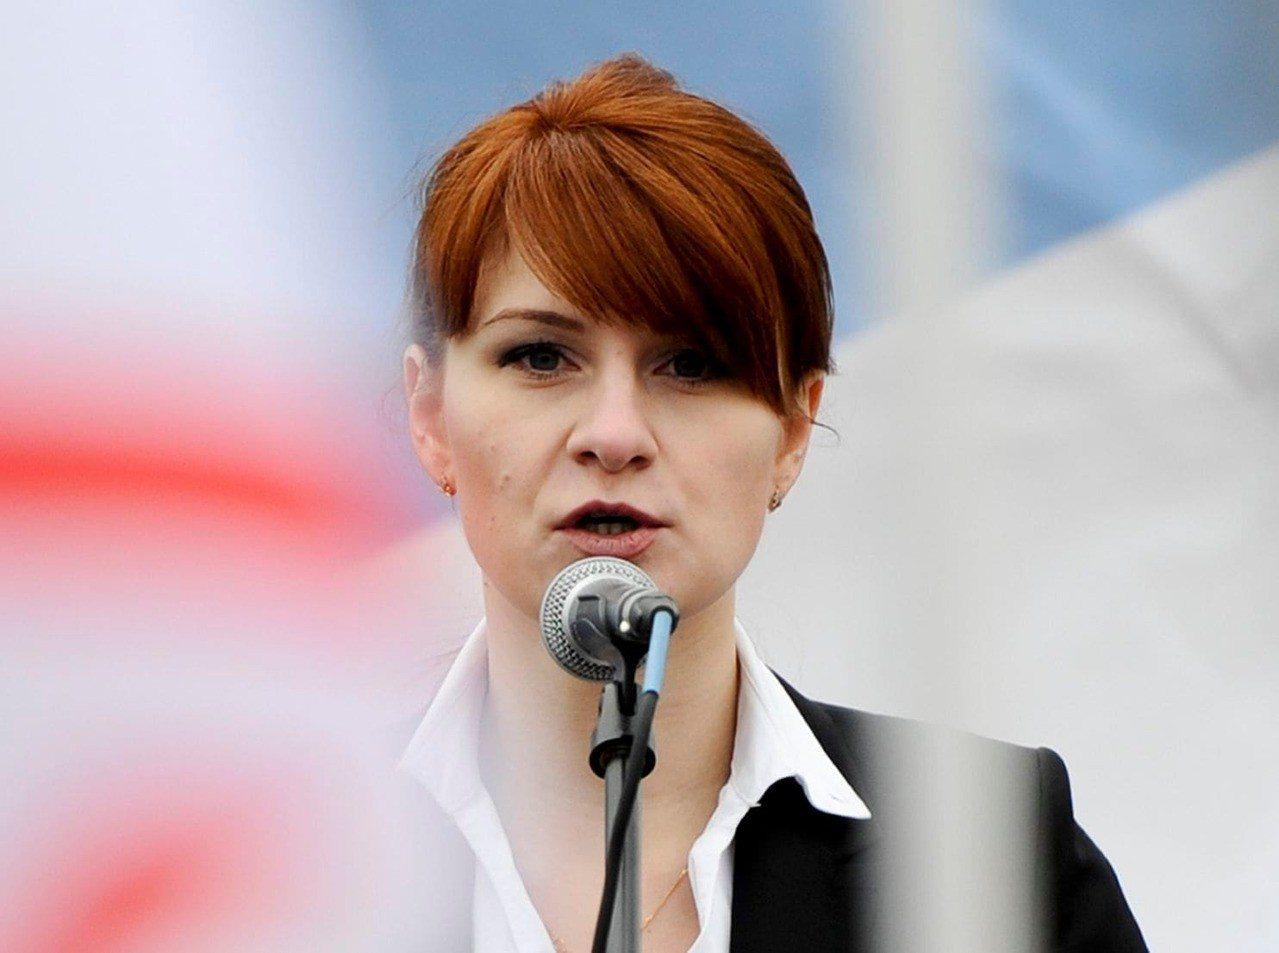 俄羅斯女子布提納被指為是俄羅斯間諜。美聯社